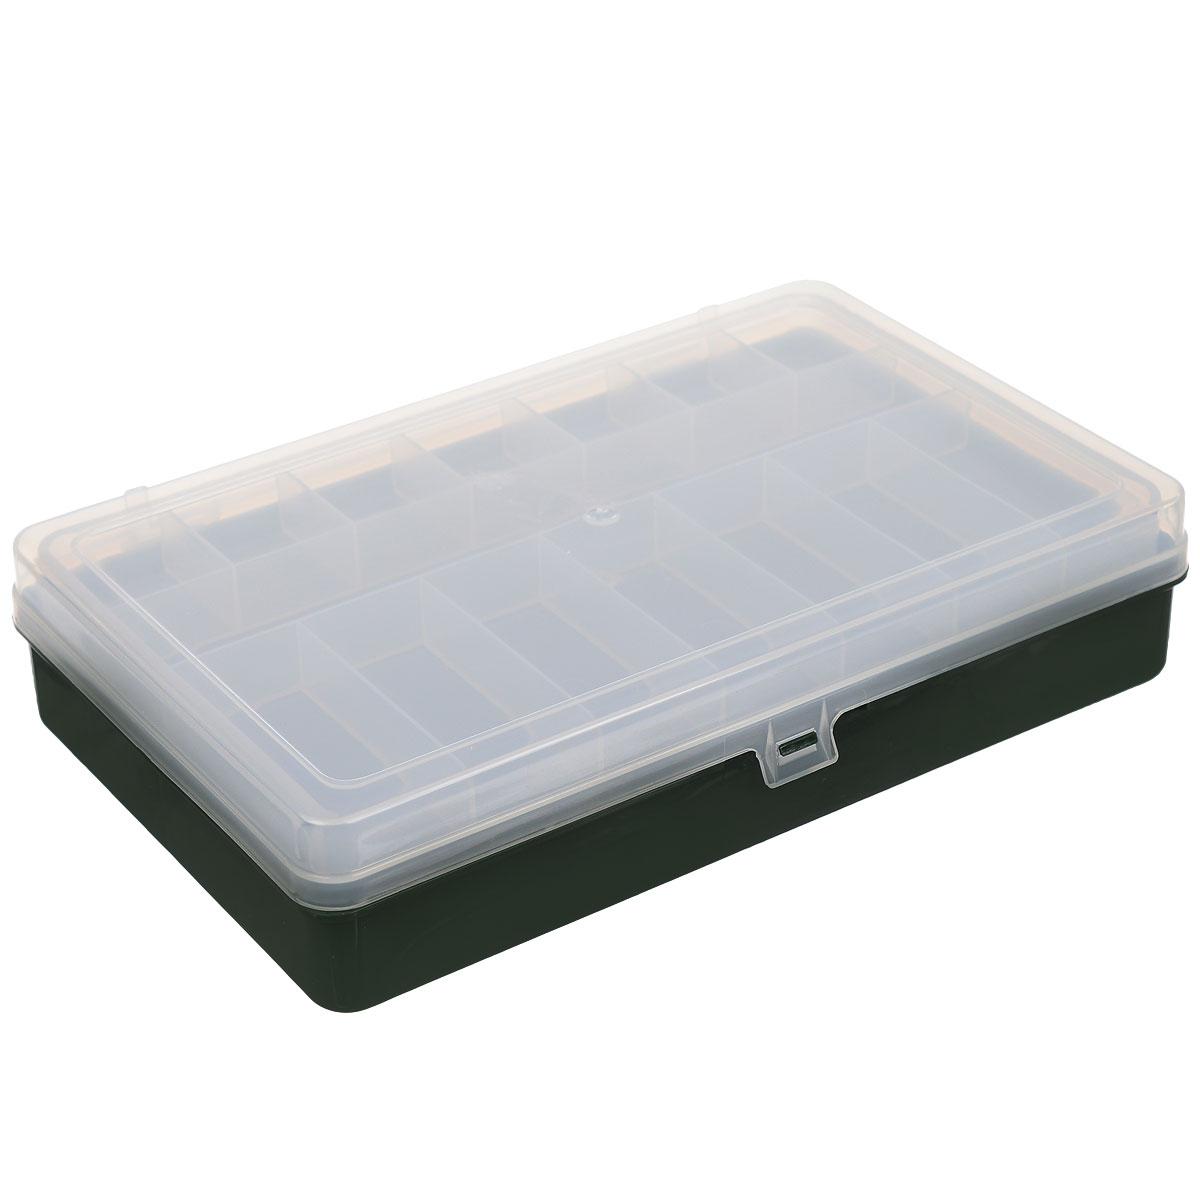 Коробка для мелочей Trivol, двухъярусная, цвет: темно-зеленый, прозрачный, 23,5 см х 15 см х 5 см525824_темно-зеленыйДвухъярусная коробка для мелочей Trivol изготовлена из высококачественного пластика. Прозрачная крышка позволяет видеть содержимое коробки. Изделие имеет два яруса. Верхний ярус представляет собой съемное отделение, в котором содержится 15 прямоугольных ячеек. Нижний ярус имеет 7 ячеек разного размера. Коробка прекрасно подойдет для хранения швейных принадлежностей, рыболовных снастей, мелких деталей и других бытовых мелочей. Удобный и надежный замок-защелка обеспечивает надежное закрывание крышки. Коробка легко моется и чистится. Такая коробка поможет держать вещи в порядке. Размер самой маленькой ячейки: 3,5 см х 3 см х 1,7 см. Размер самой большой ячейки: 7,5 см х 11 см х 3,5 см. Рекомендуем!